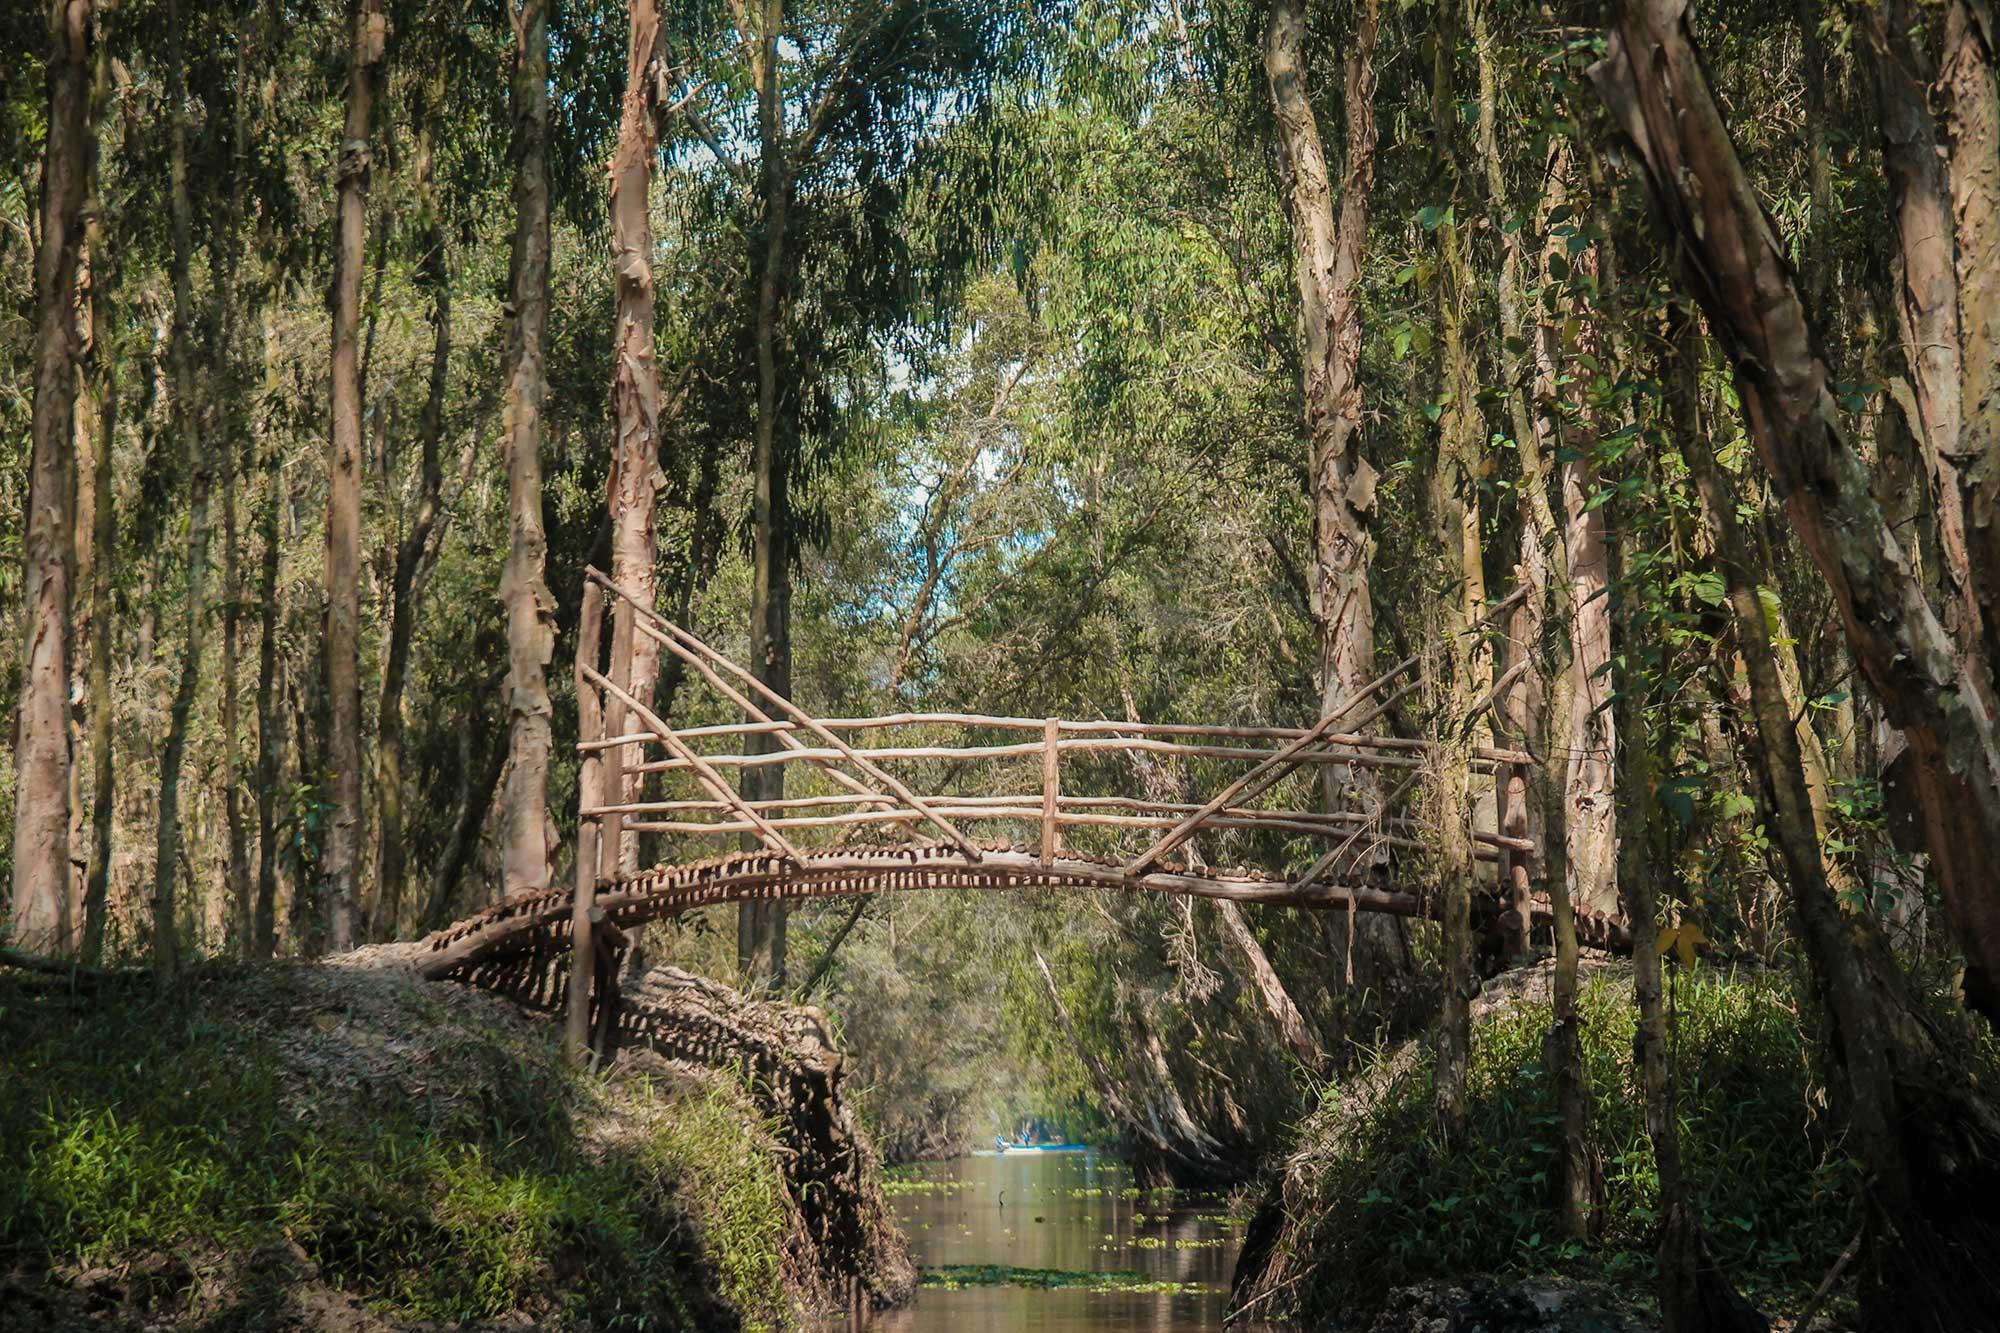 Cây cầu bắc qua rừng đước trong khu du lịch cà mau này (Nguồn sưu tầm)